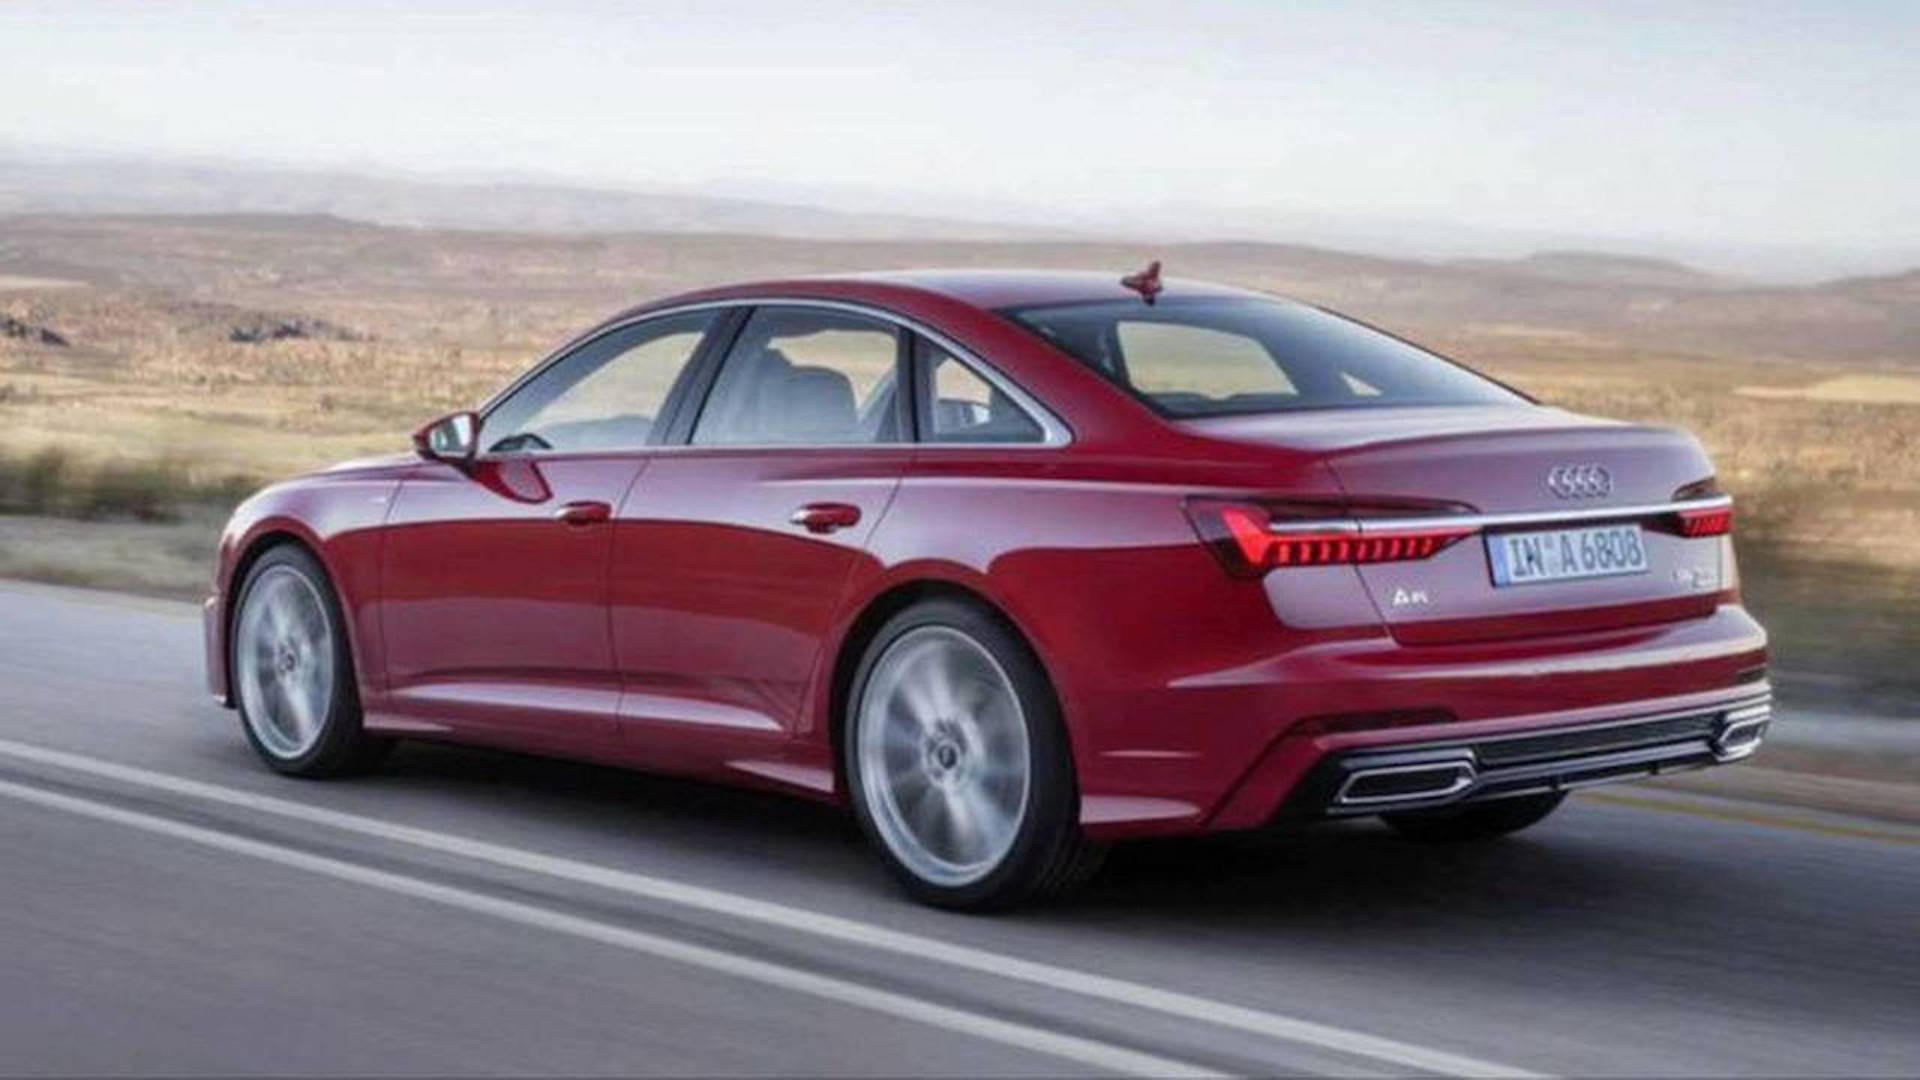 Kelebihan Audi A6 Rs Spesifikasi